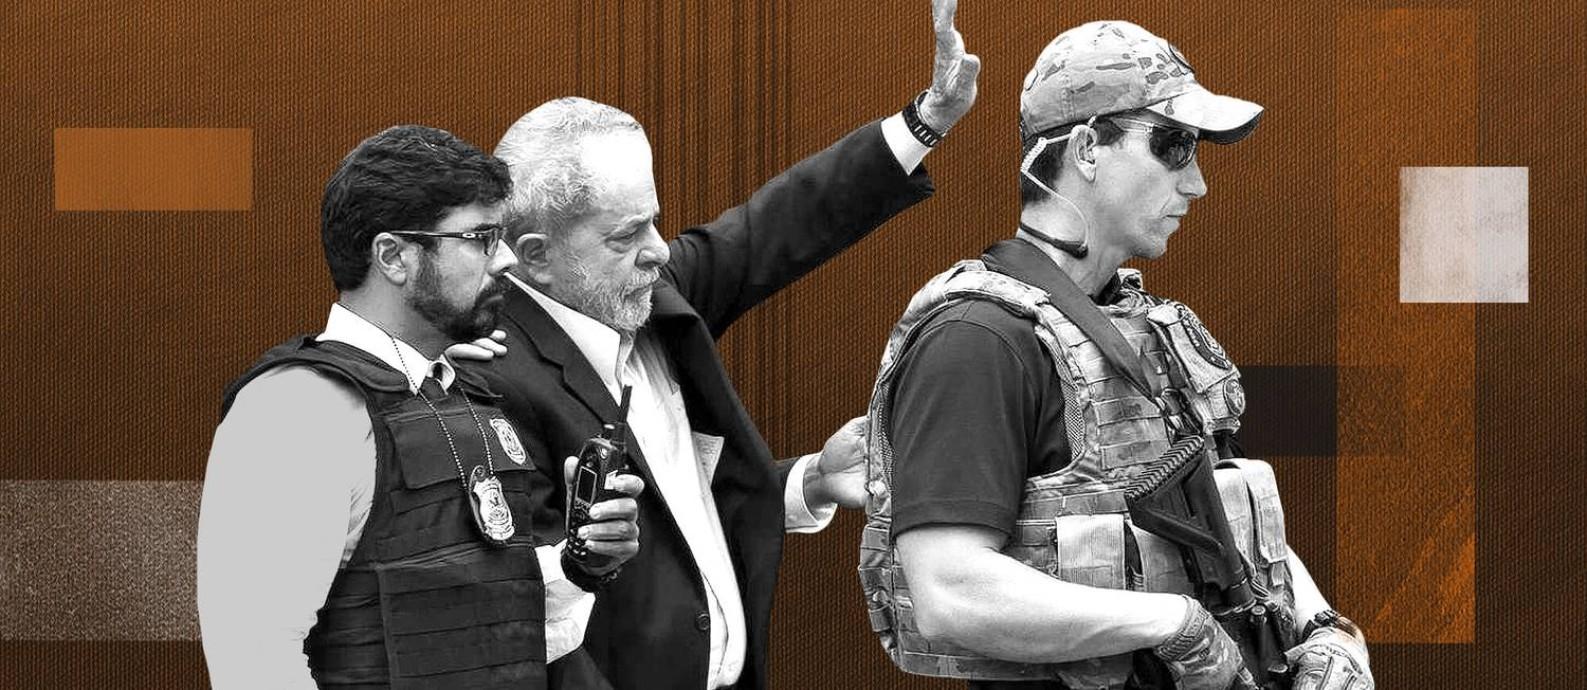 O ex-presidente Lula foi preso no dia 7 de abril de 2018 Foto: Arte/O Globo